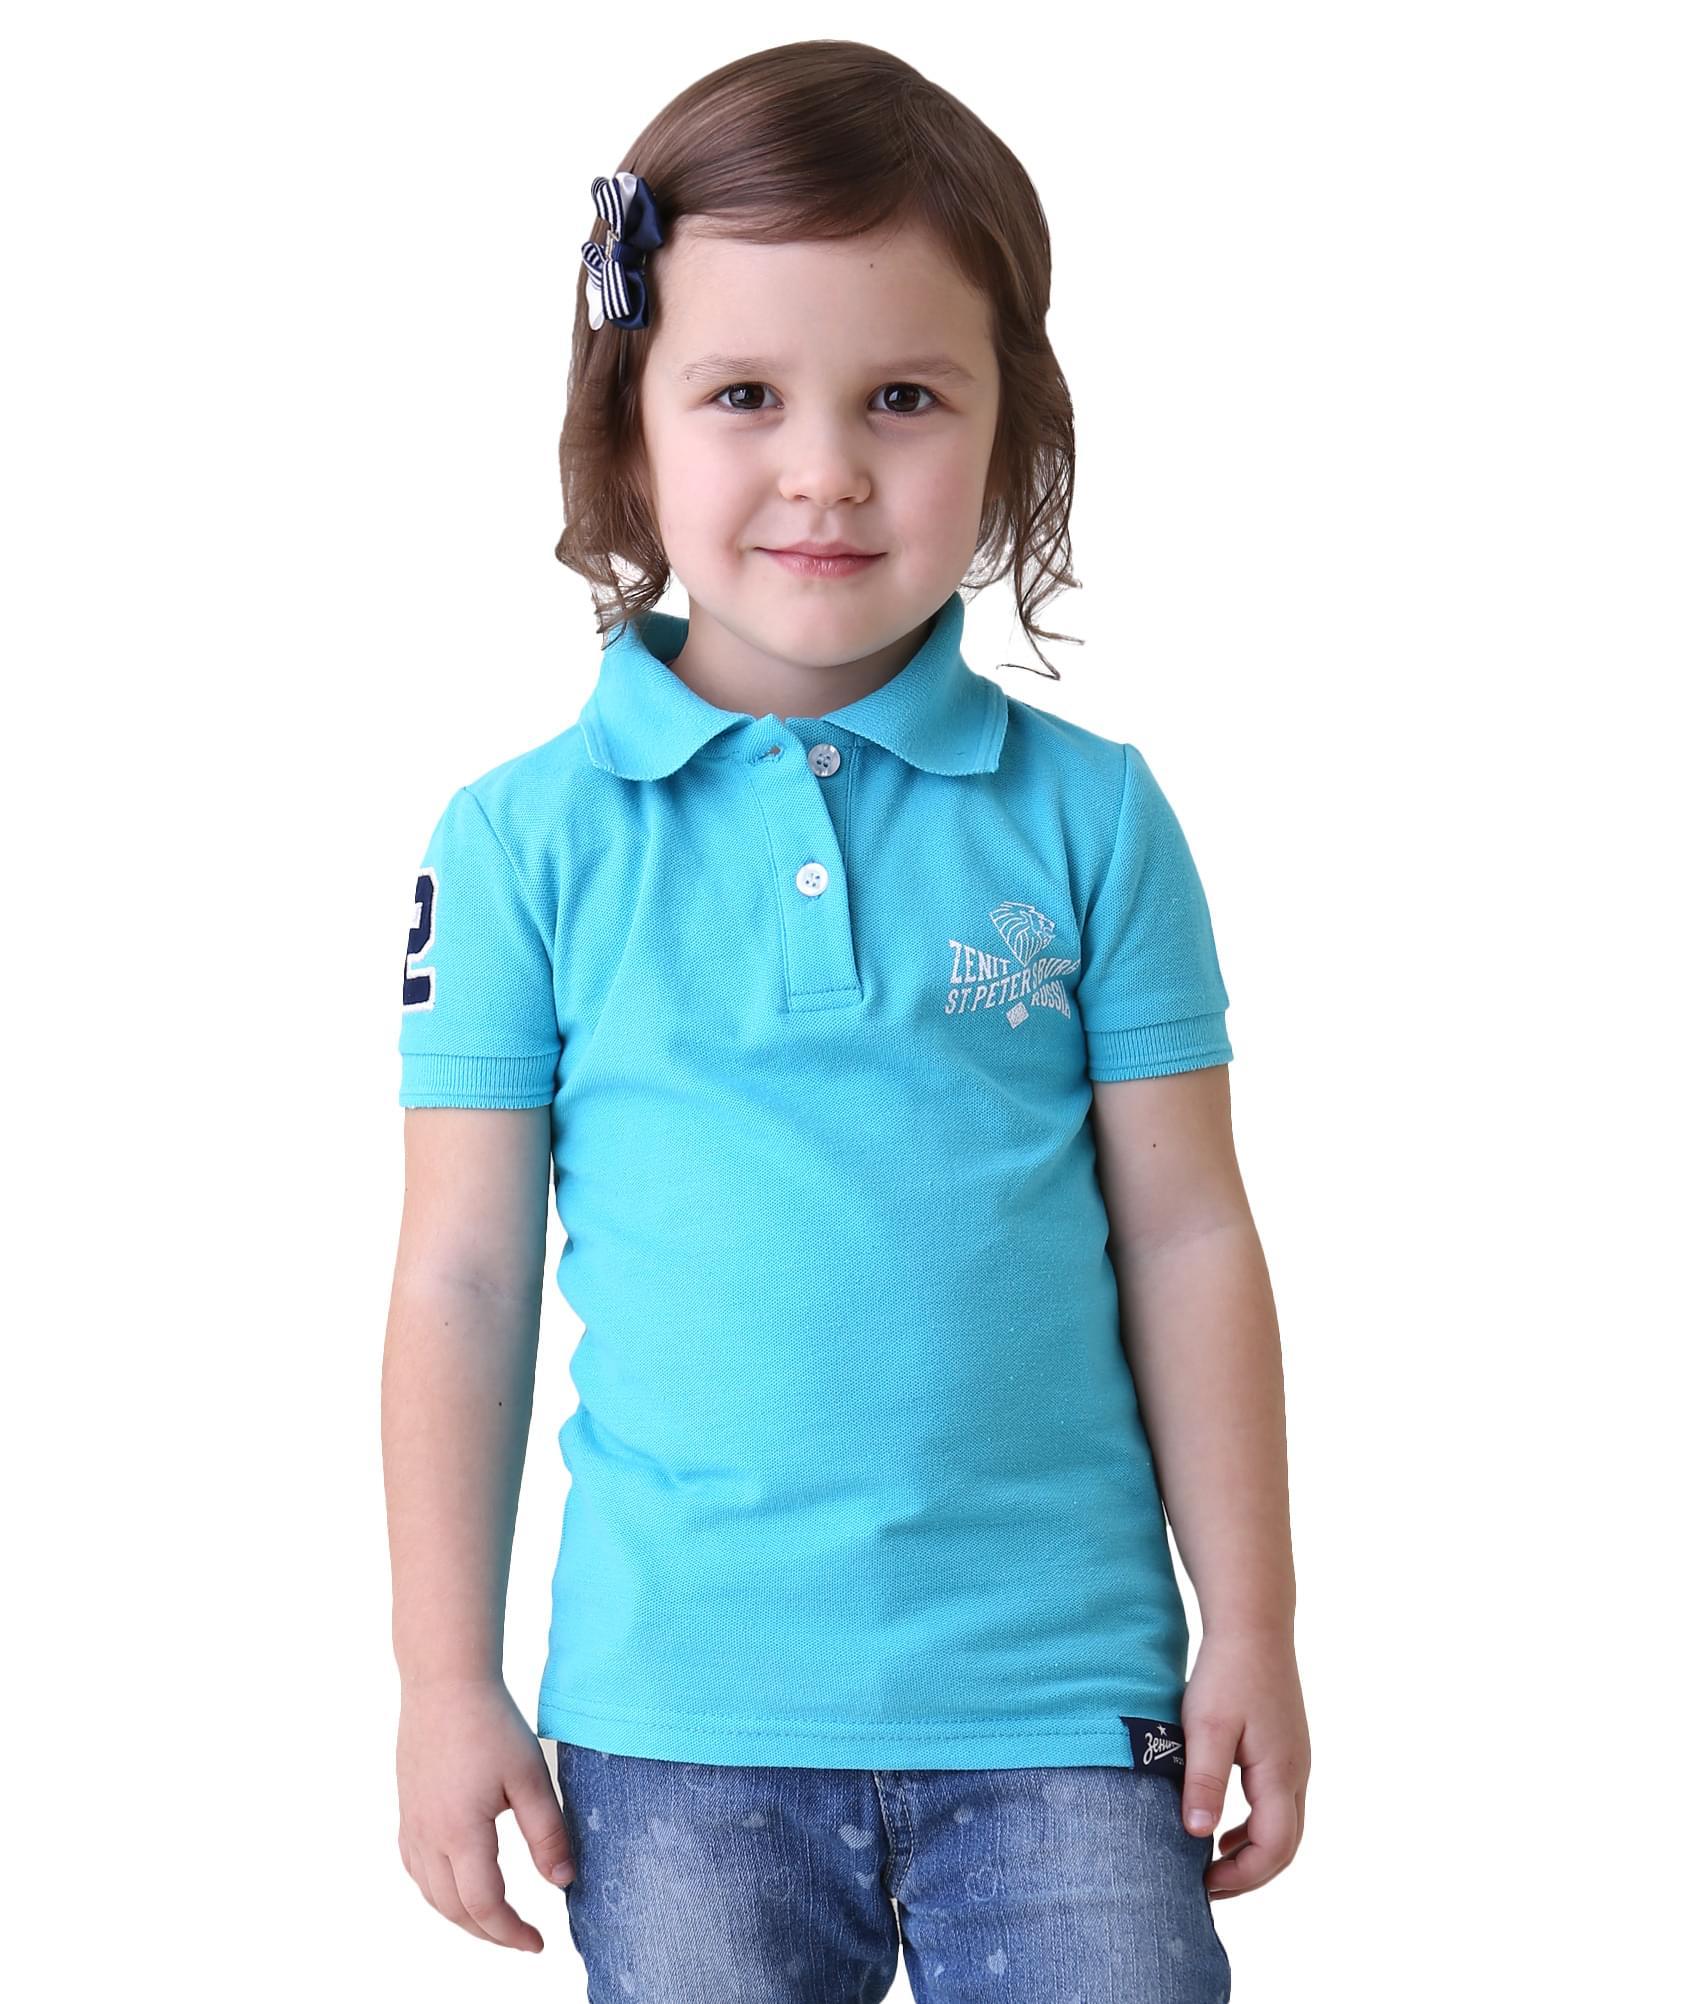 Поло детское, Цвет-Бирюзовый, Размер-158-164 халат медицинский лиза р 44 46 158 164 бело бирюзовый